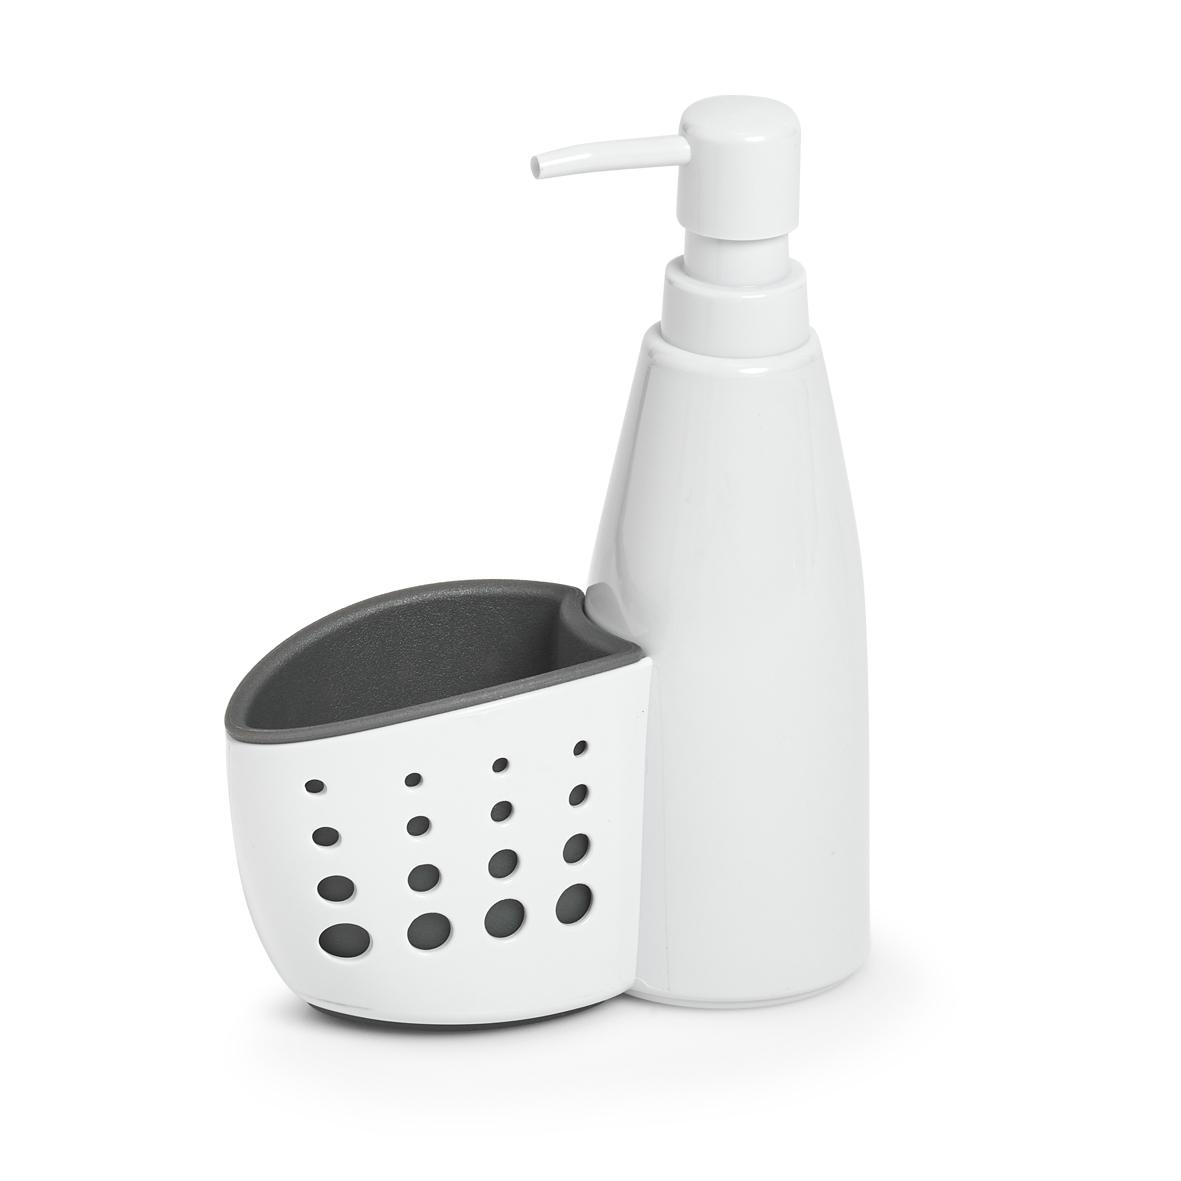 Organizator cu dozator din plastic, pentru produse de curatenie, Sink Alb, l16xA7xH21 cm imagine